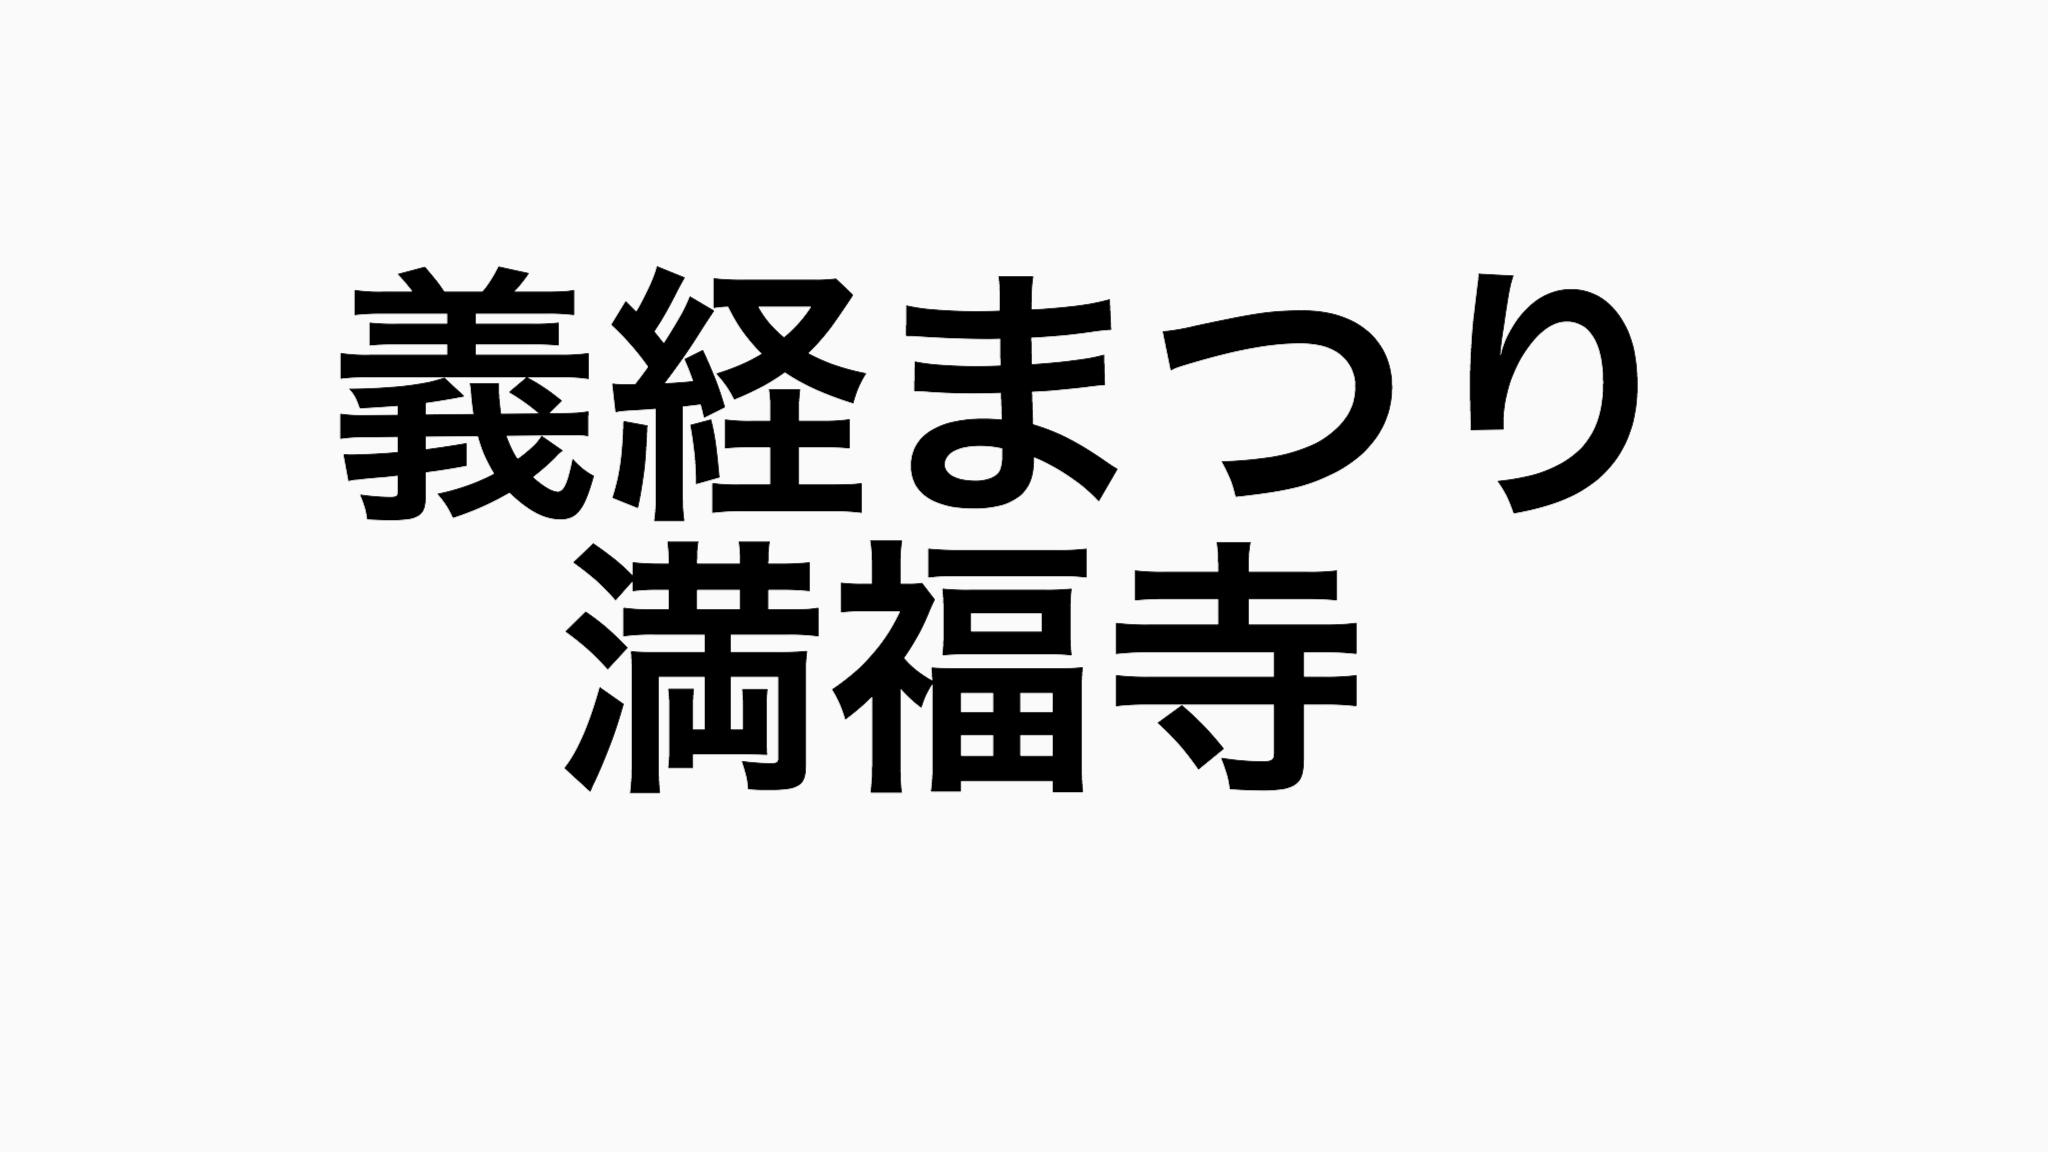 【鎌倉】義経まつりが2019年4月20日に開催されます。パレードもあります。